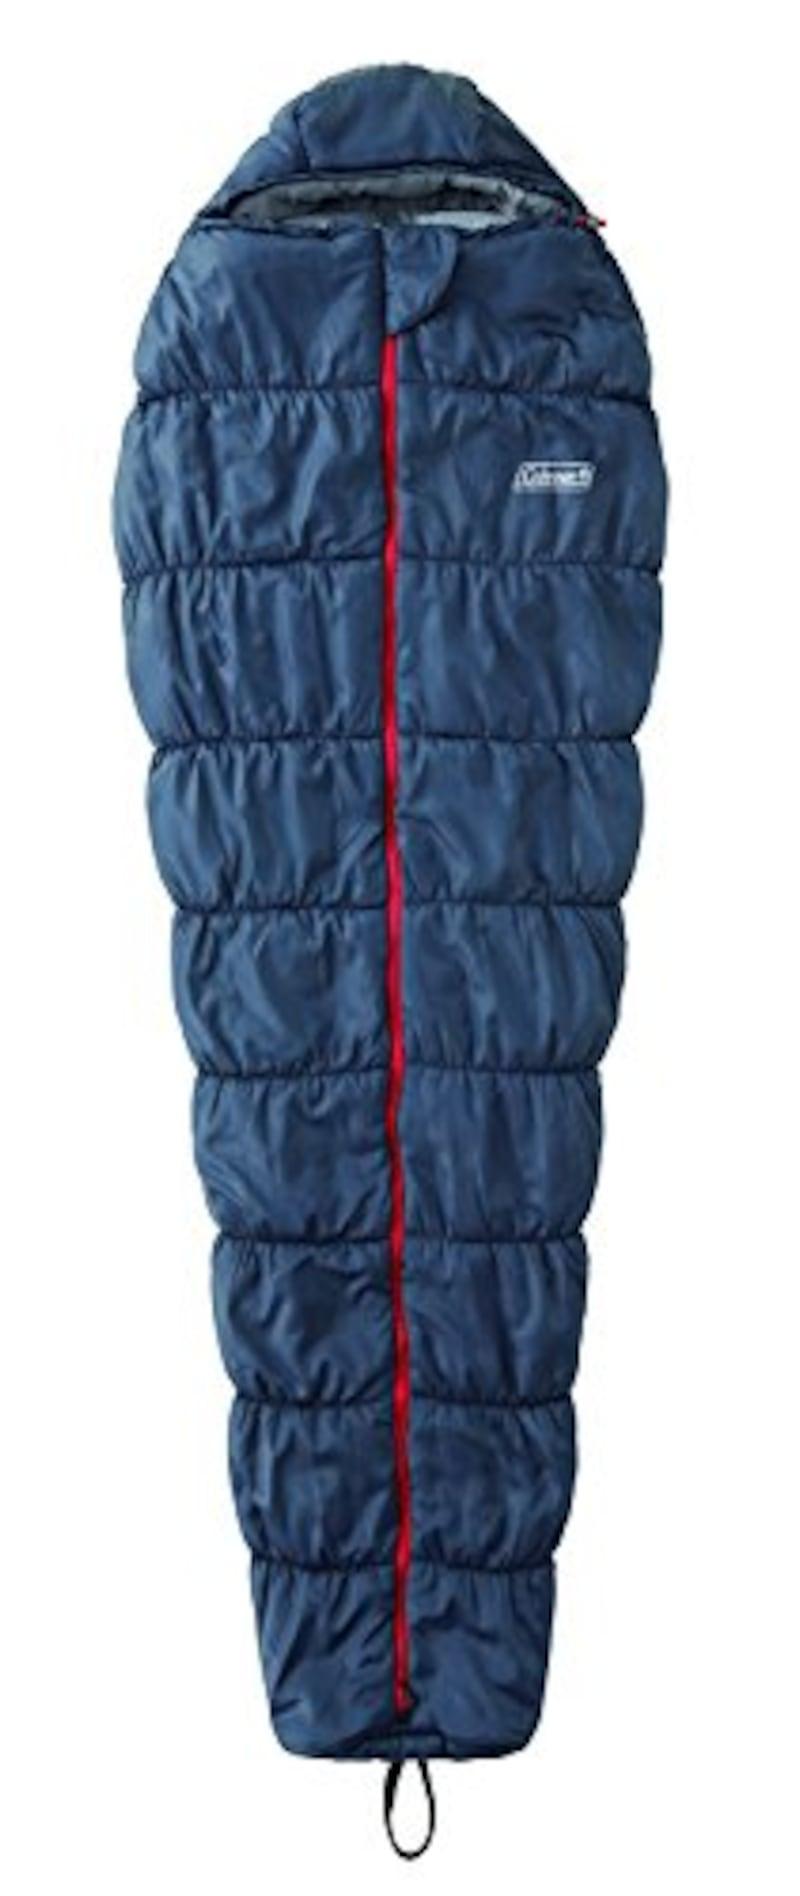 Coleman(コールマン),寝袋 コルネットストレッチ2 マミー型,2000031103